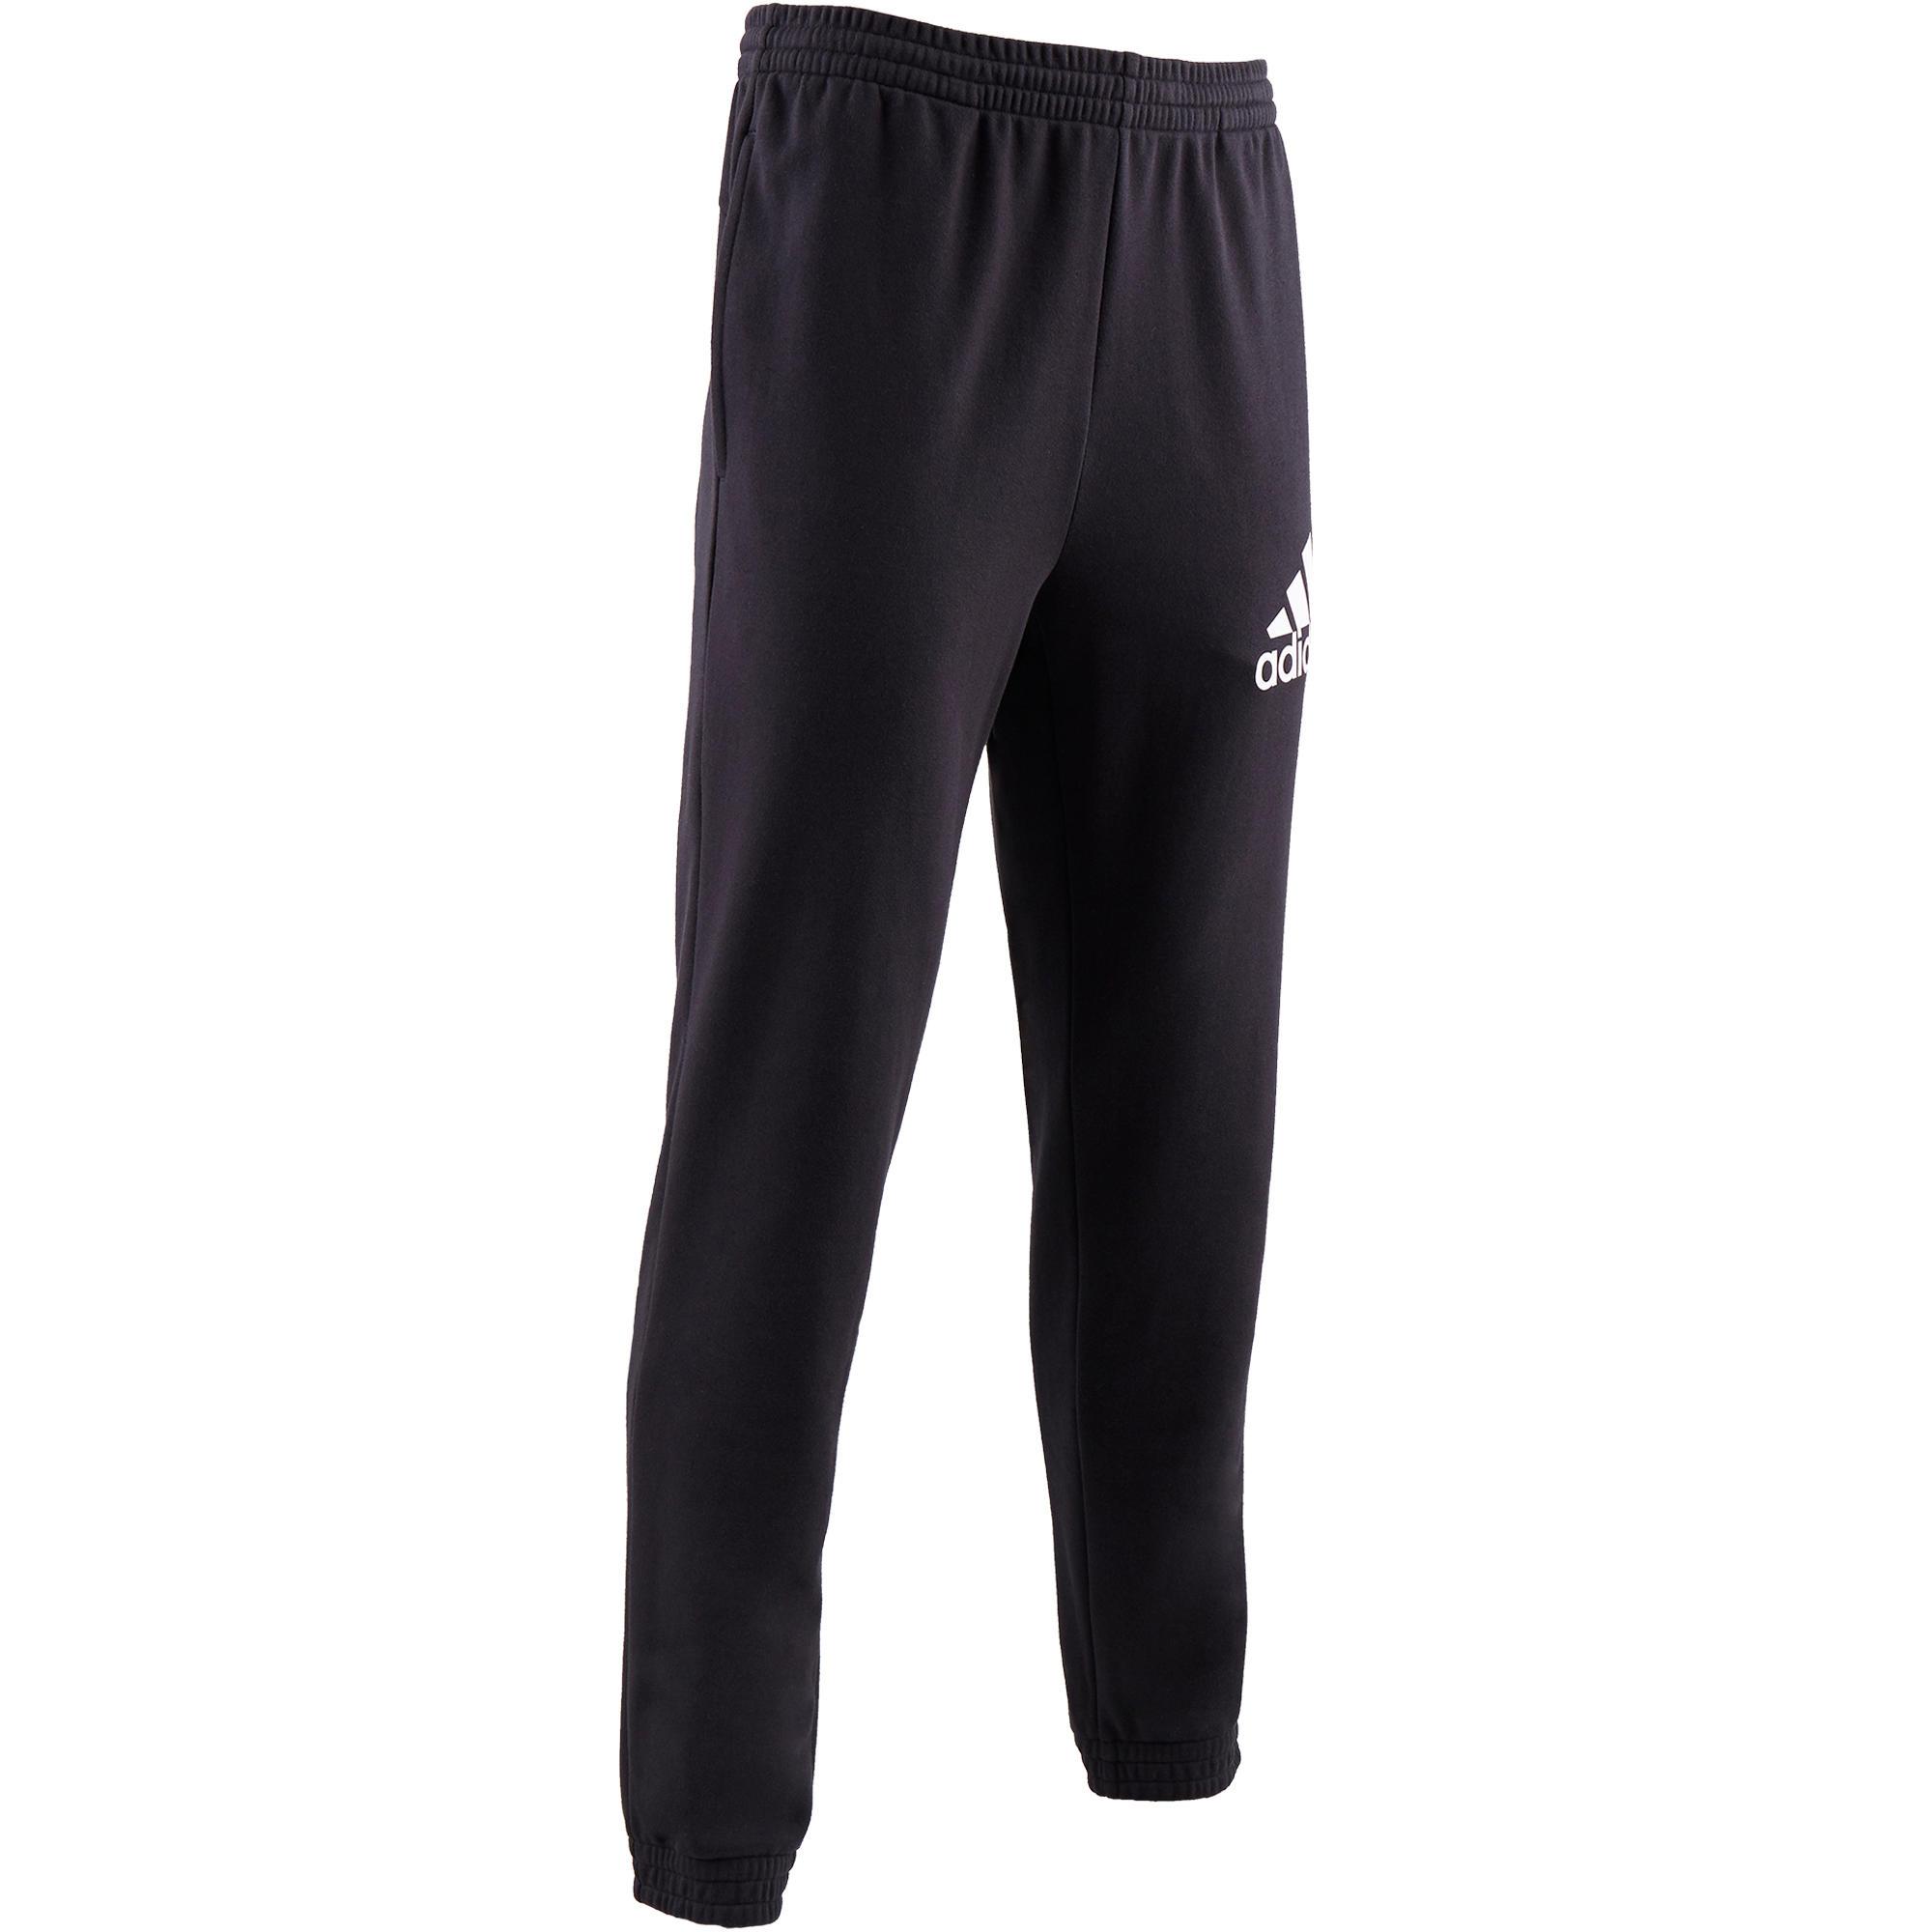 6a5a9d55f02 Adidas Gymbroek Adidas 500 slim stretching zwart heren - Adidas ...